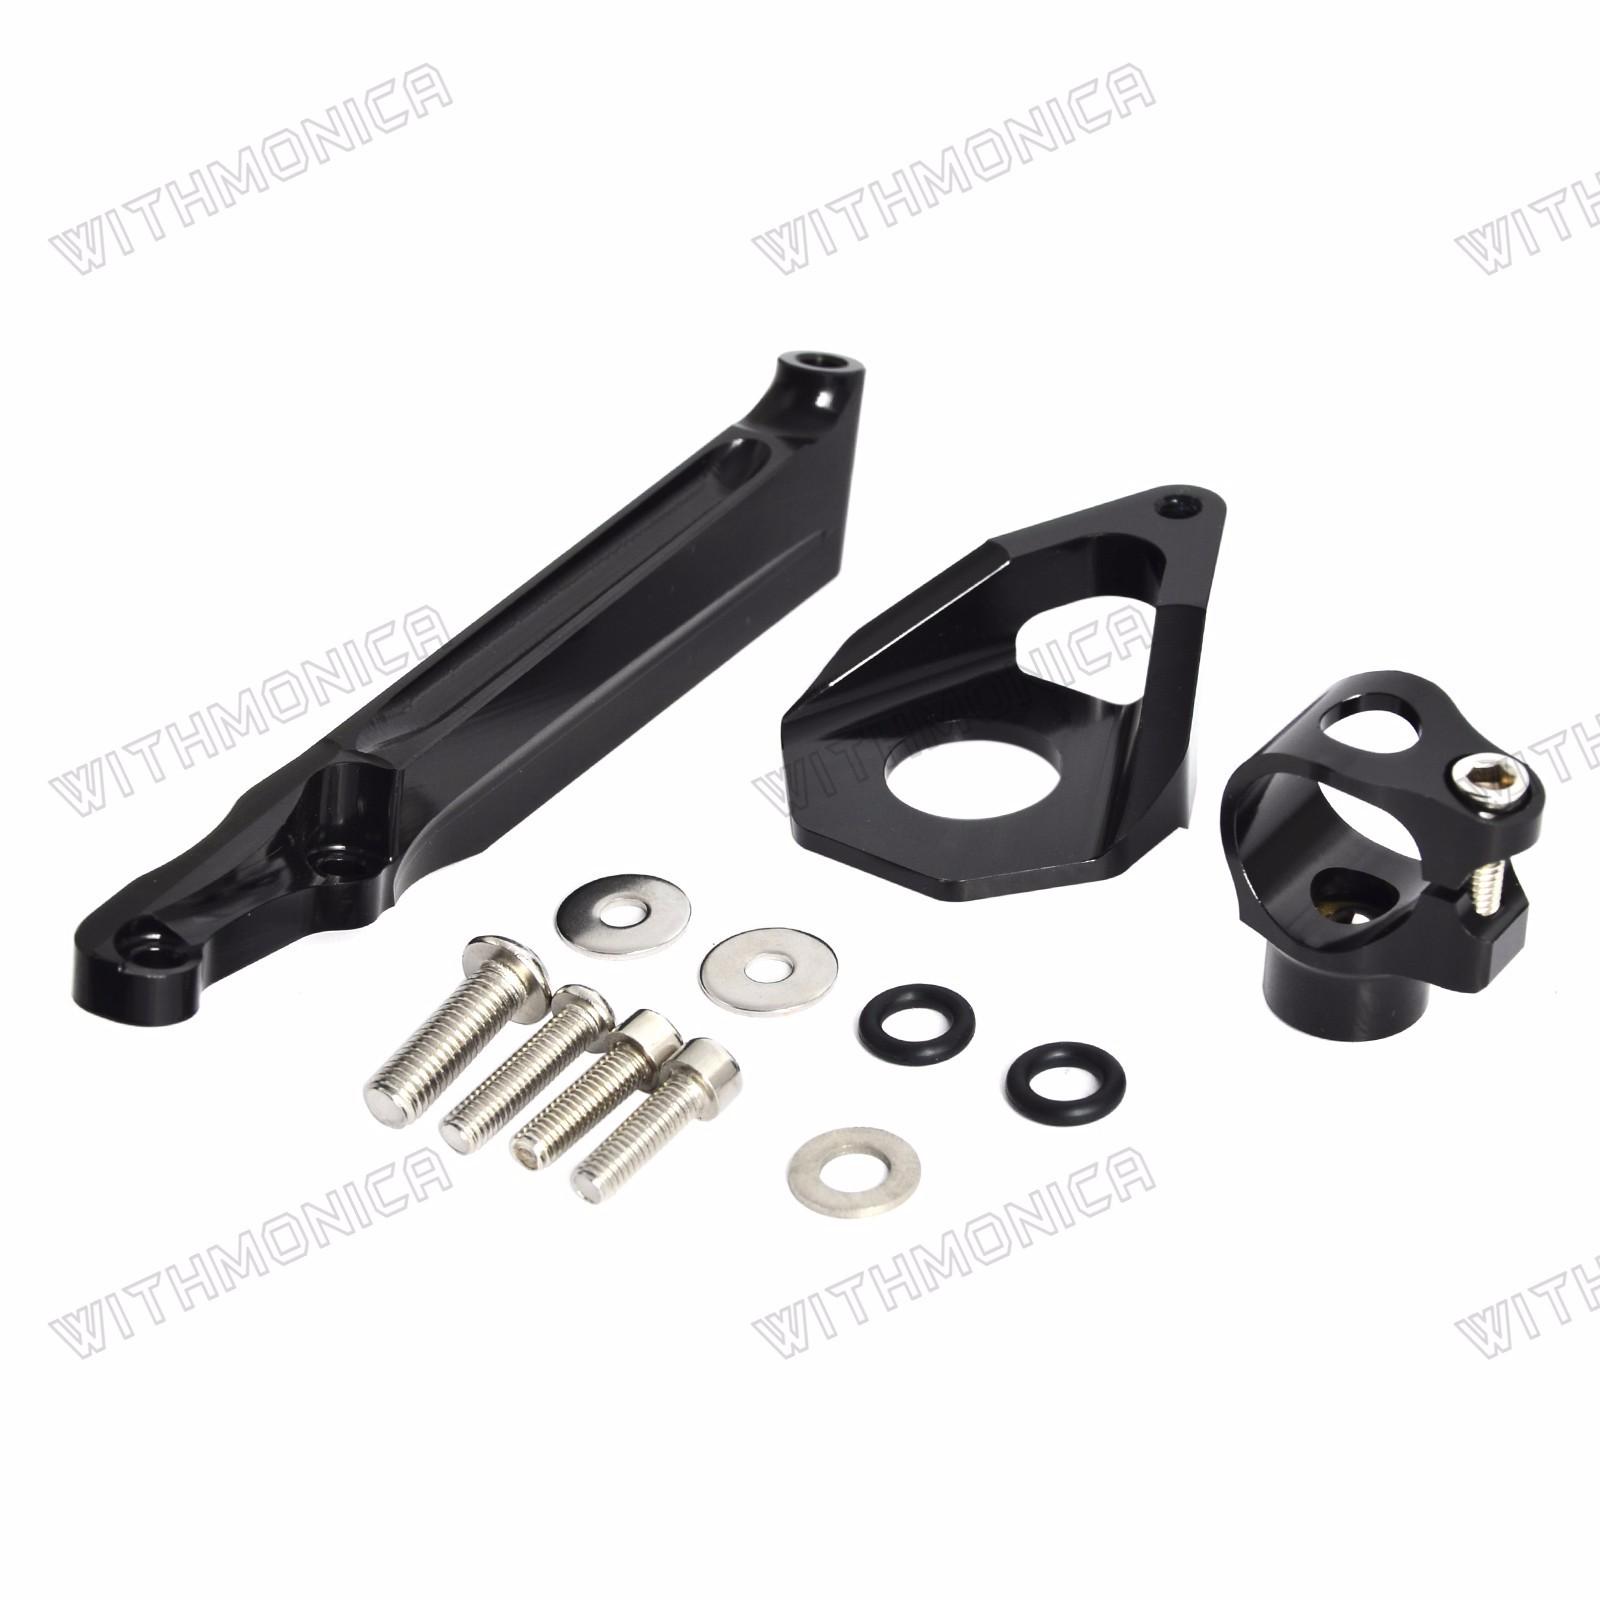 Details About Cnc Steering Damper Stabilizer Bracket Mounting For Honda Cbr600rr 2005 2006